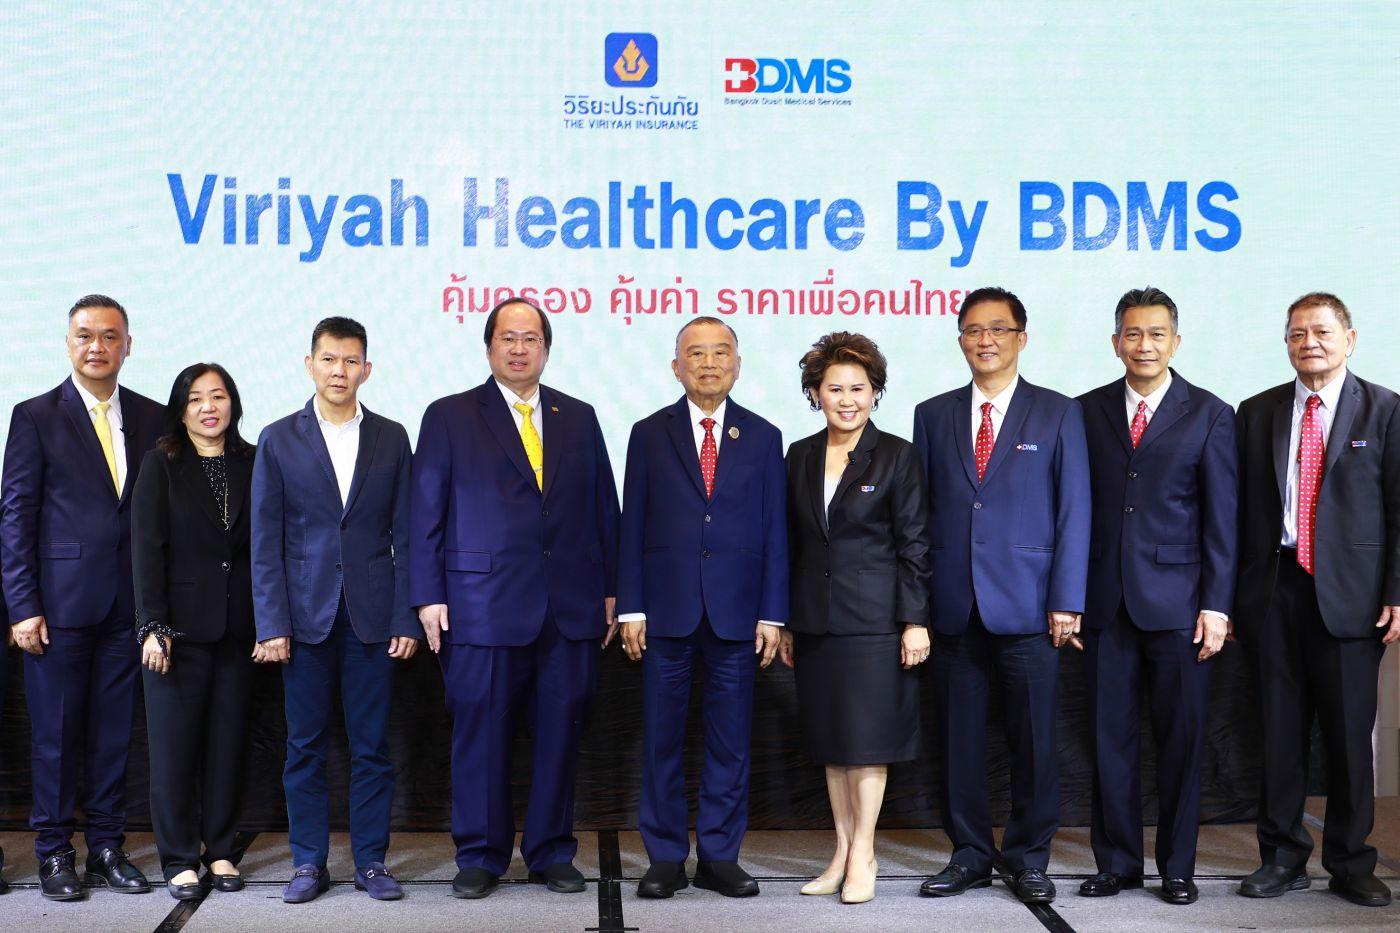 BDMS จับมือ วิริยะประกันภัย ร่วมโครงการ  Viriyah Healthcare by BDMS 'คุ้มครอง คุ้มค่า ราคาเพื่อคนไทย'